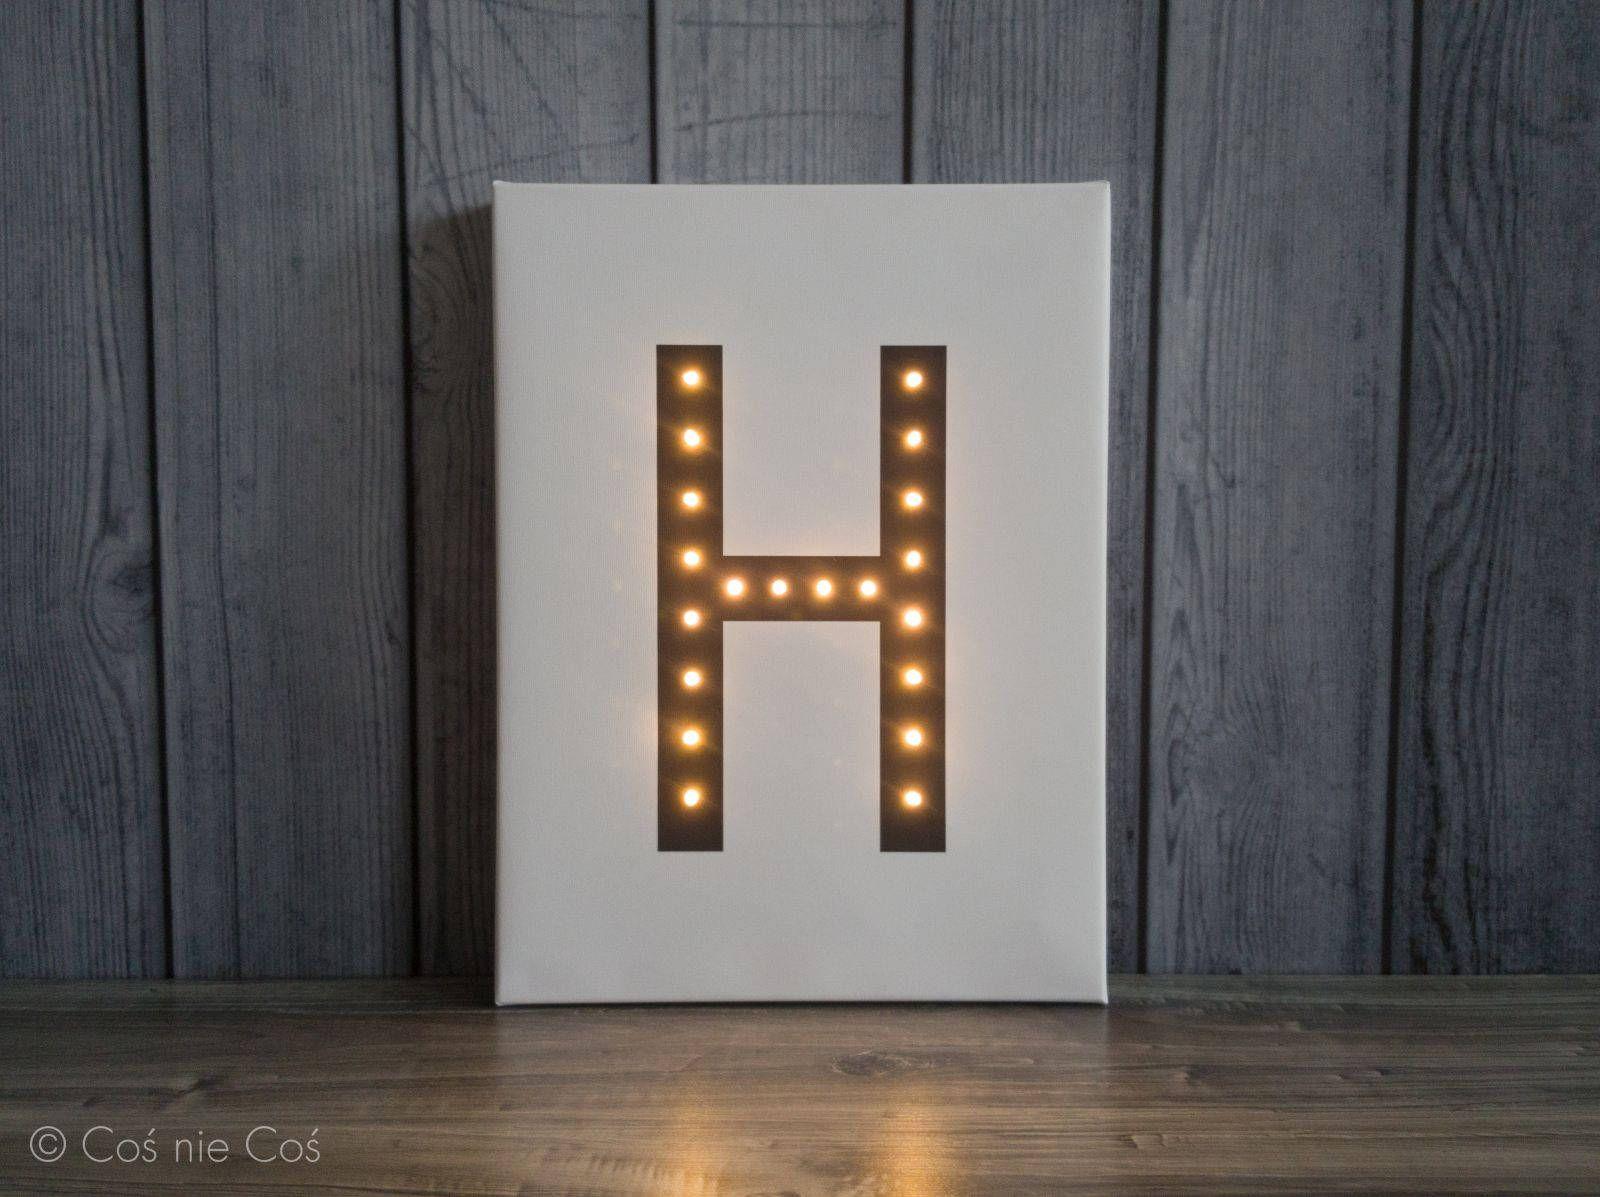 Light Up Letters Letter Lights Nordic Design Led Letters Etsy Light Up Letters Light Letters Nordic Design